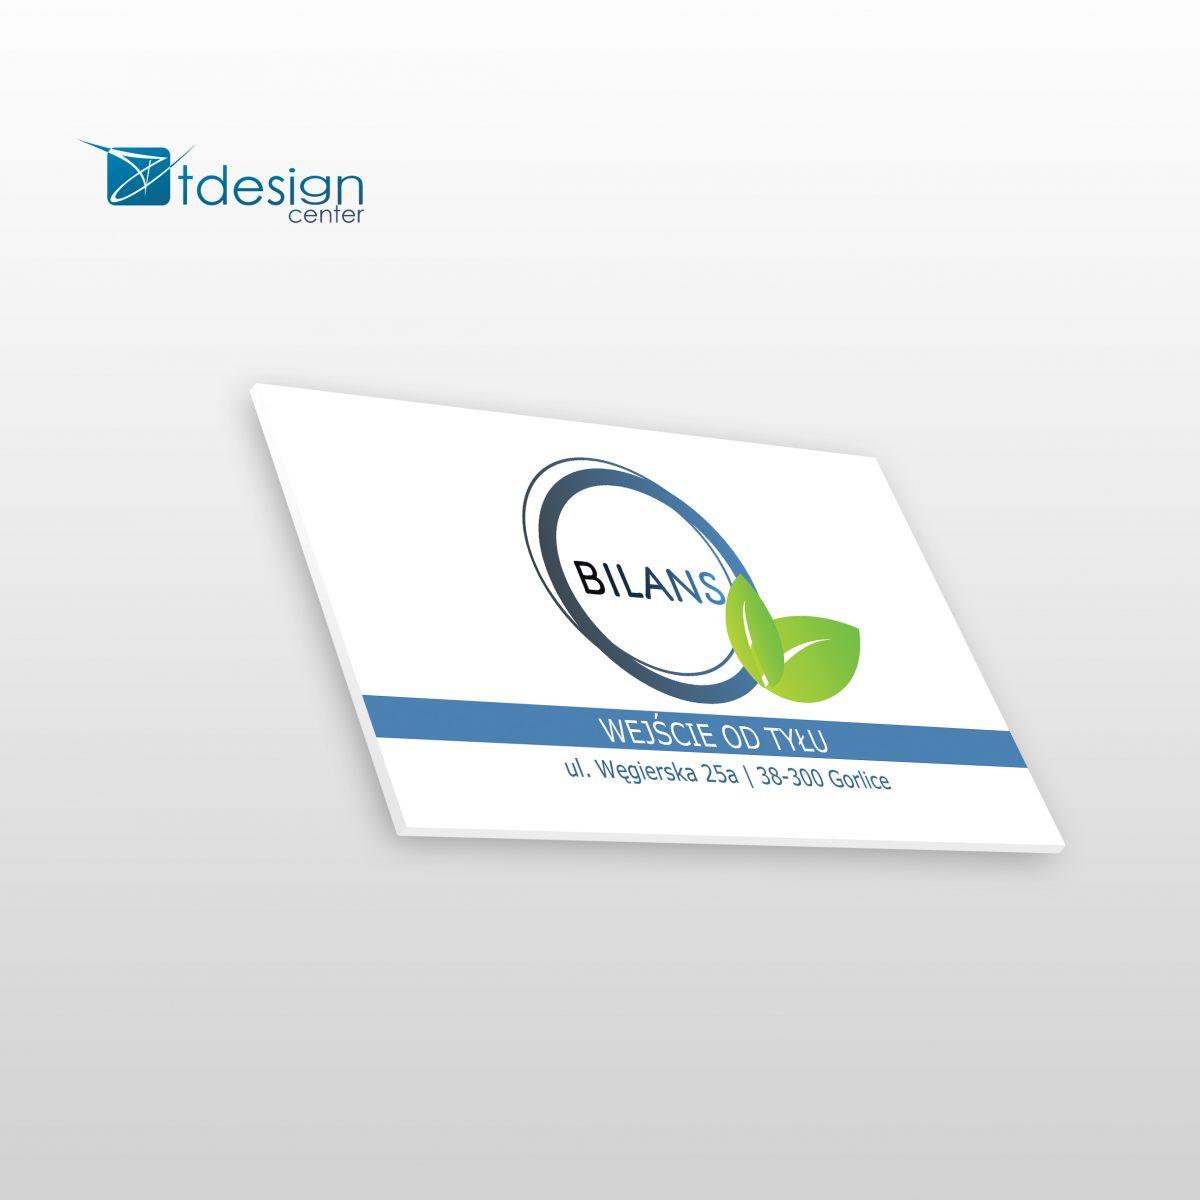 Tablica DIBOND, rozmiar: 35x20cm, projekt oraz realizacja dla firmy Bilans